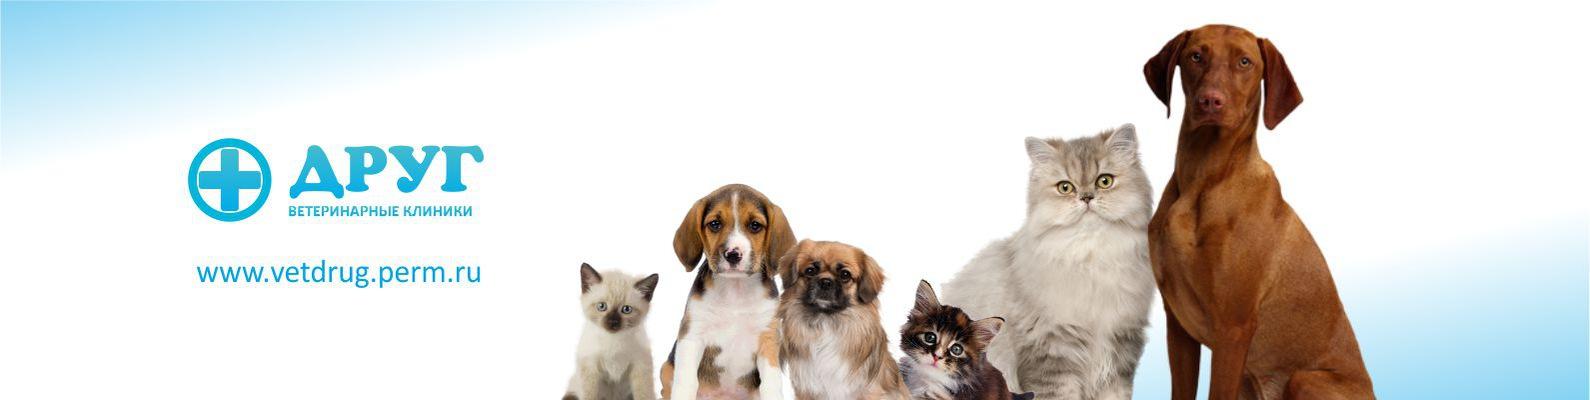 Разместить объявление по ветеринаринарным клиникам авито краснодарский край частные объявления мебель